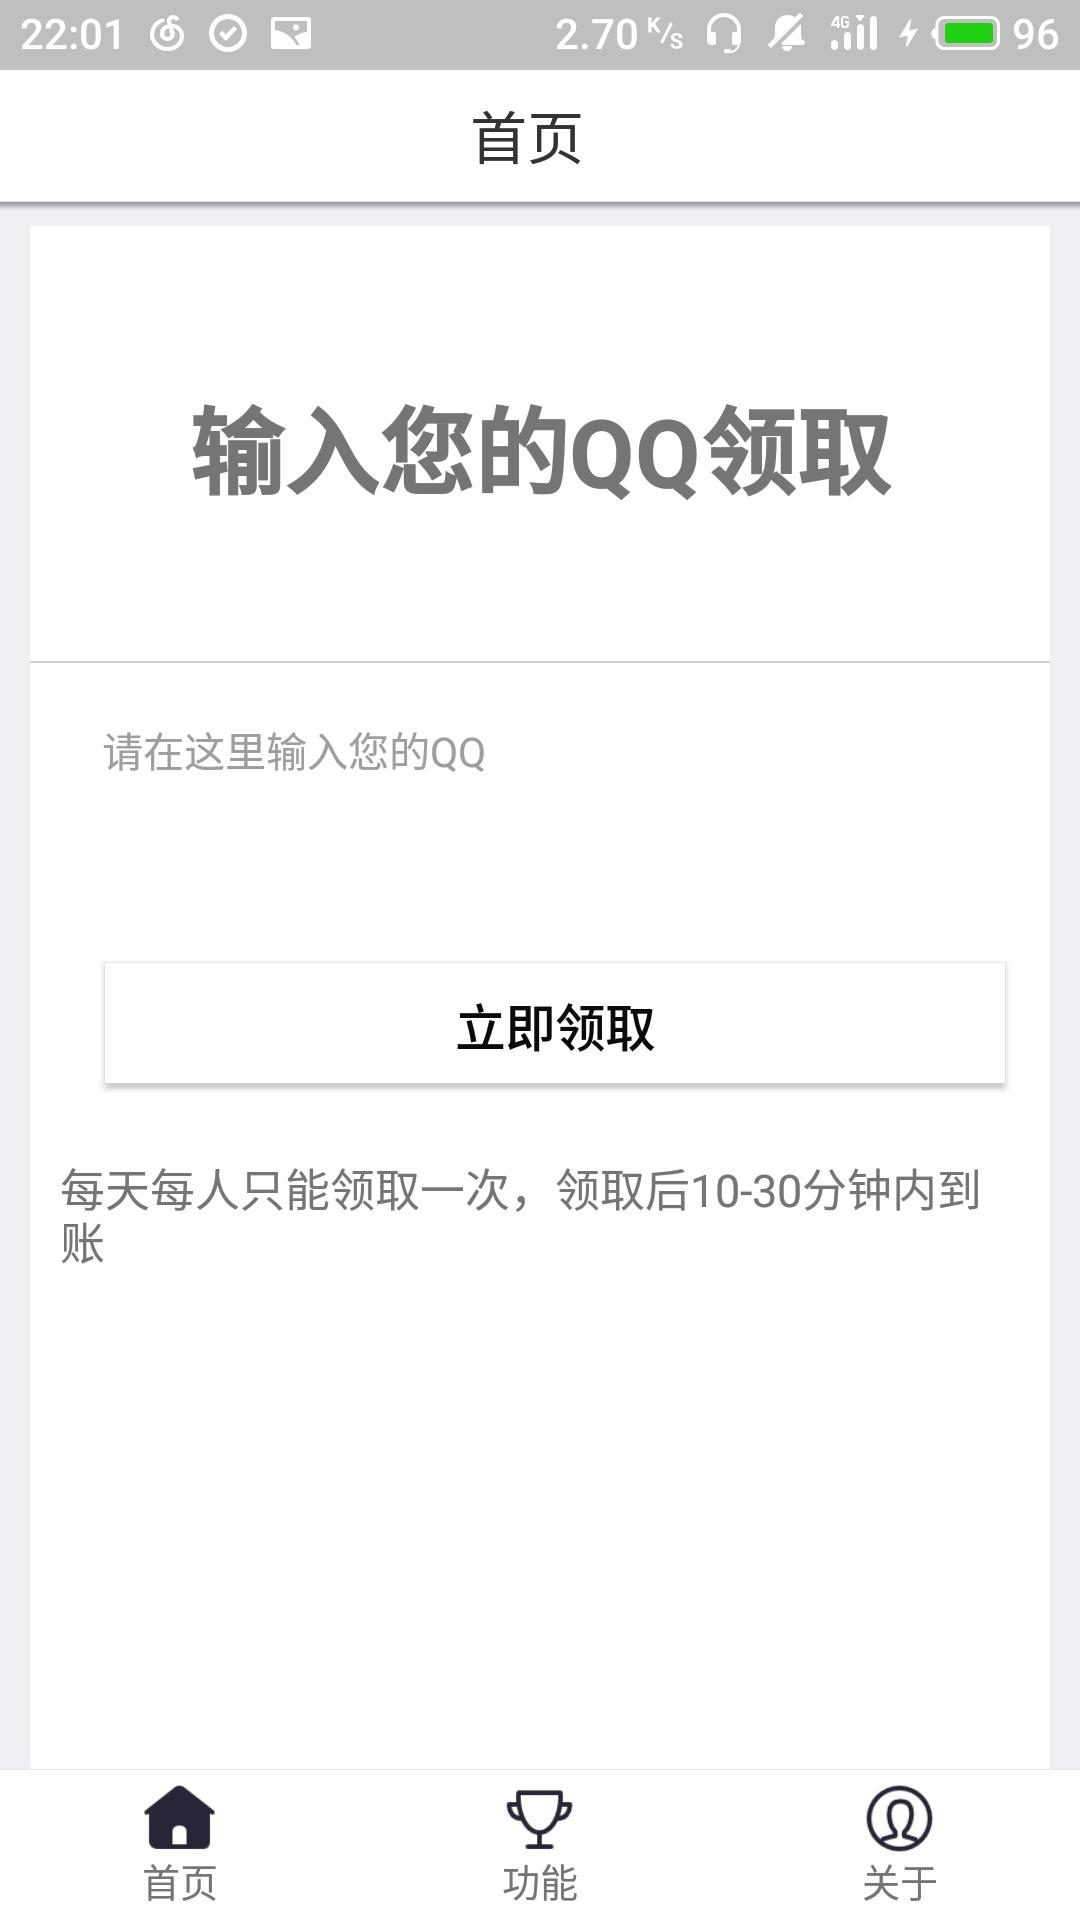 【分享】快乐名片赞v3.45    QQ免费领取名片赞完全免费-100tui.cn